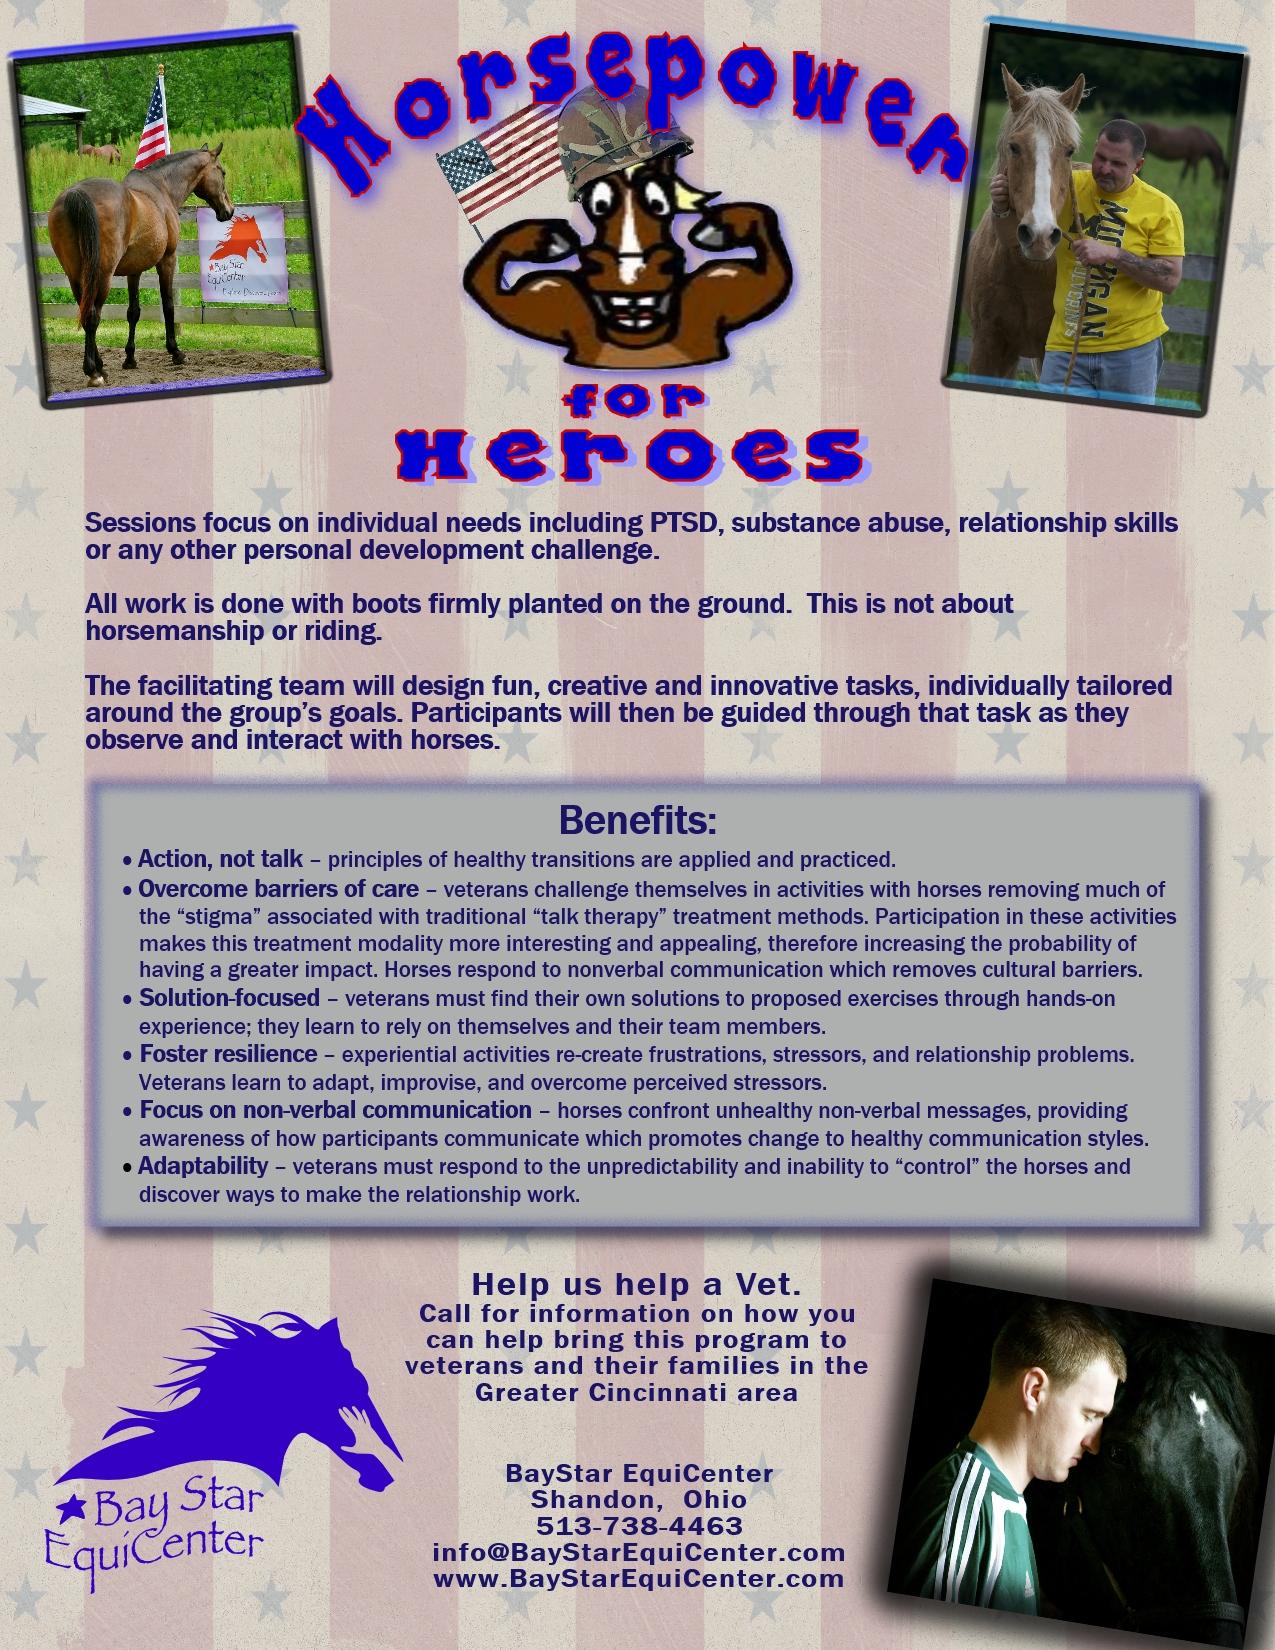 horsepower-for-heroes